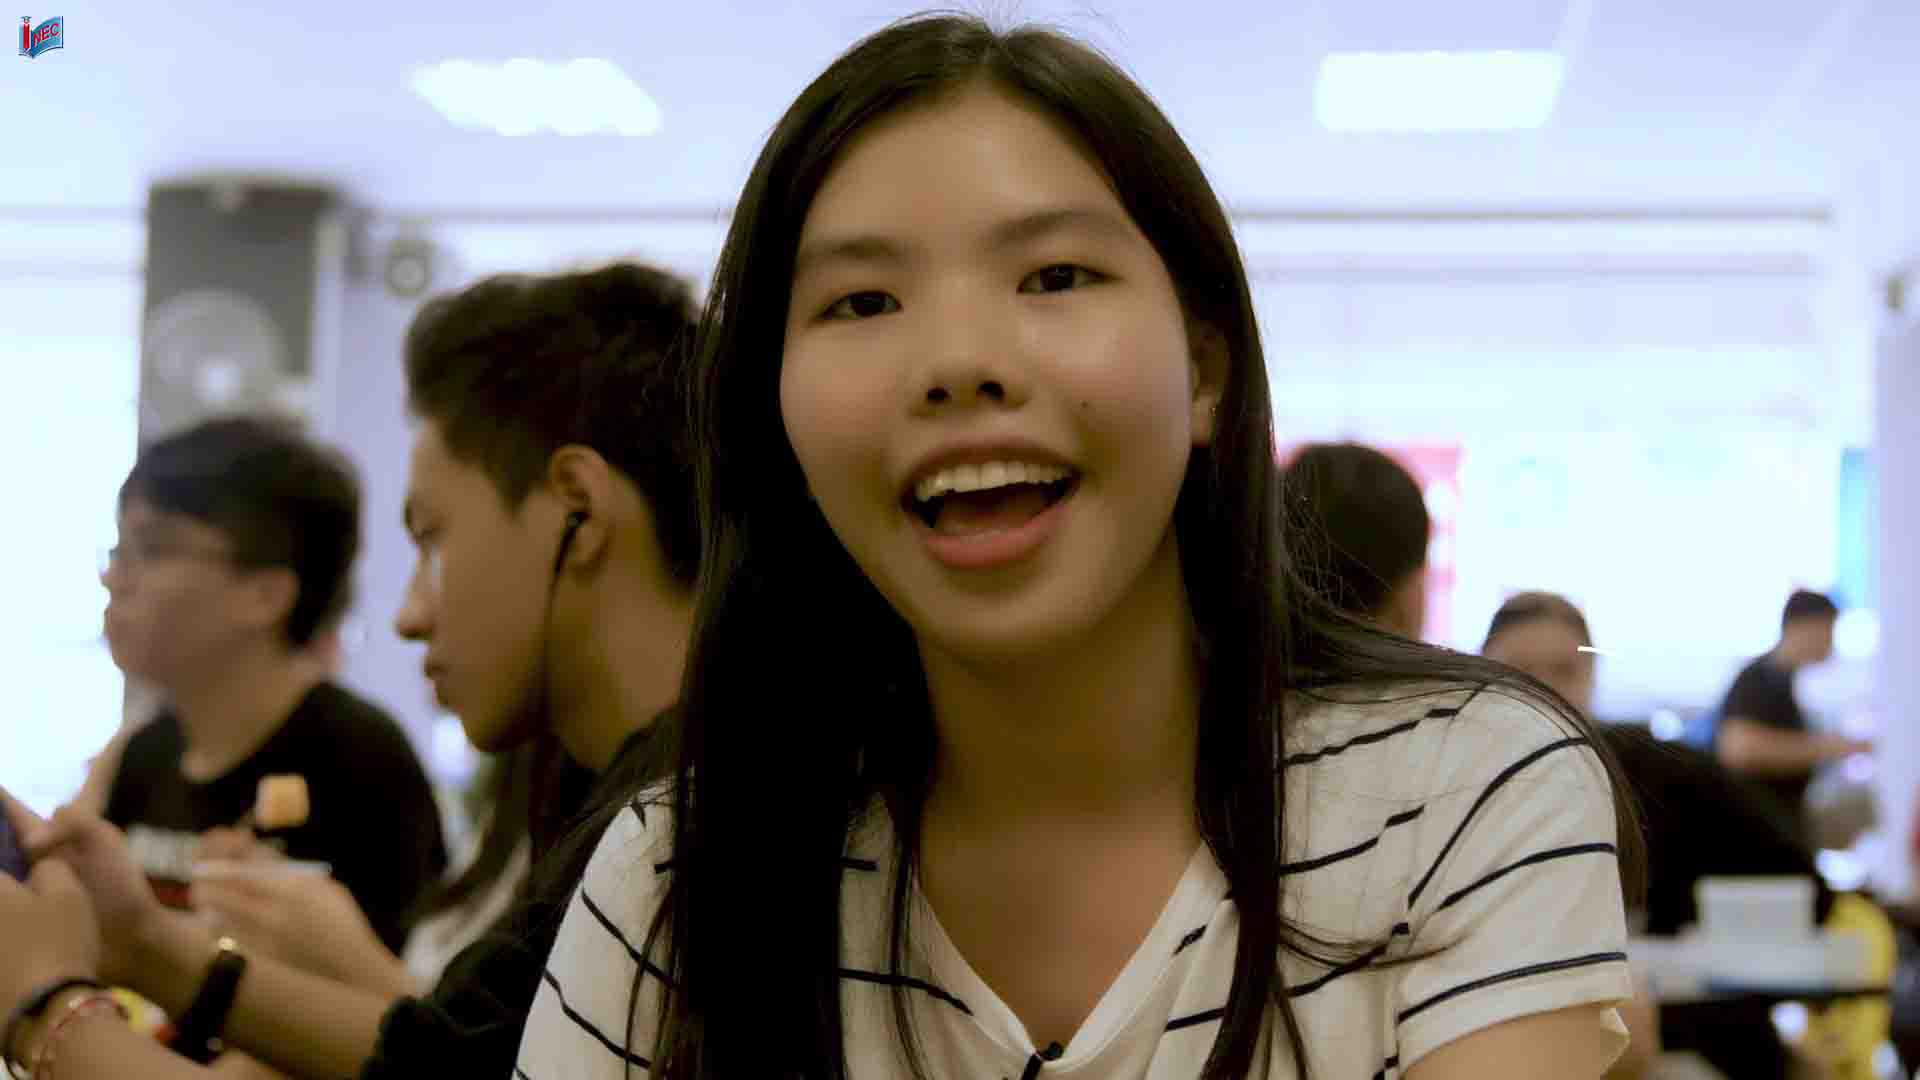 Cùng lắng nghe chia sẻ chớp nhoáng của bạn Mai Thị Như Uyên đang học tiếng Anh tại JCU Singapore nhé.